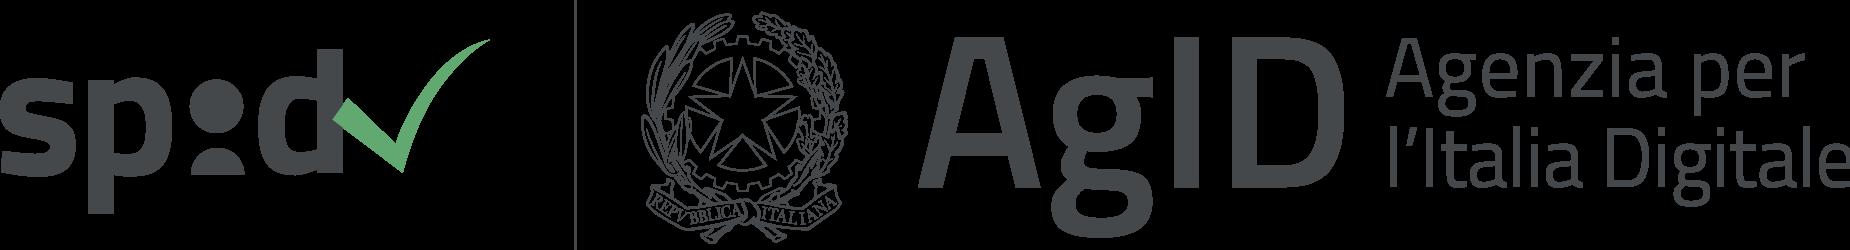 Agenzia delle entrate